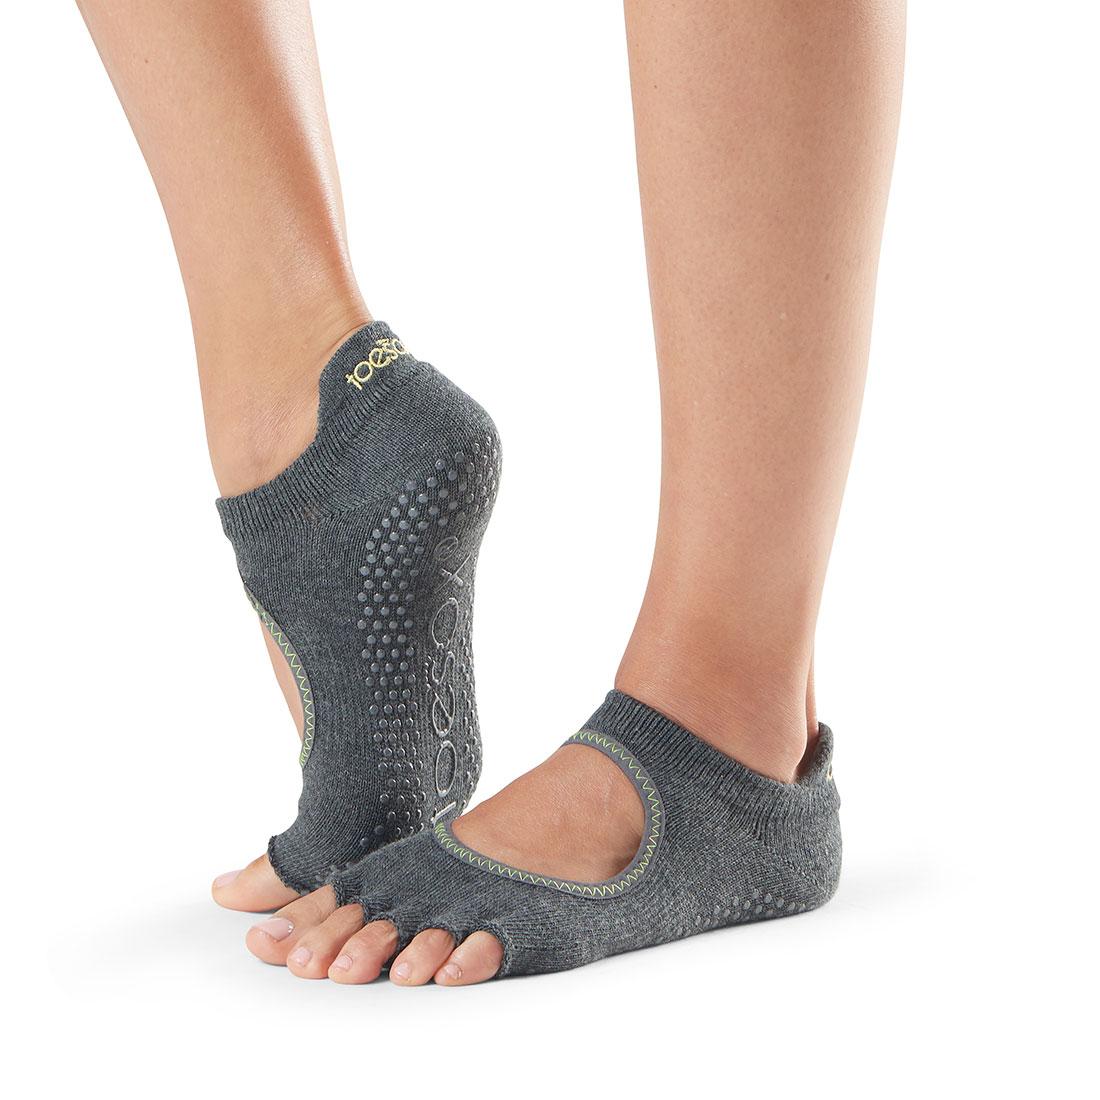 Yogasocken ToeSox Bellarina Half Toe Charcoal Grey